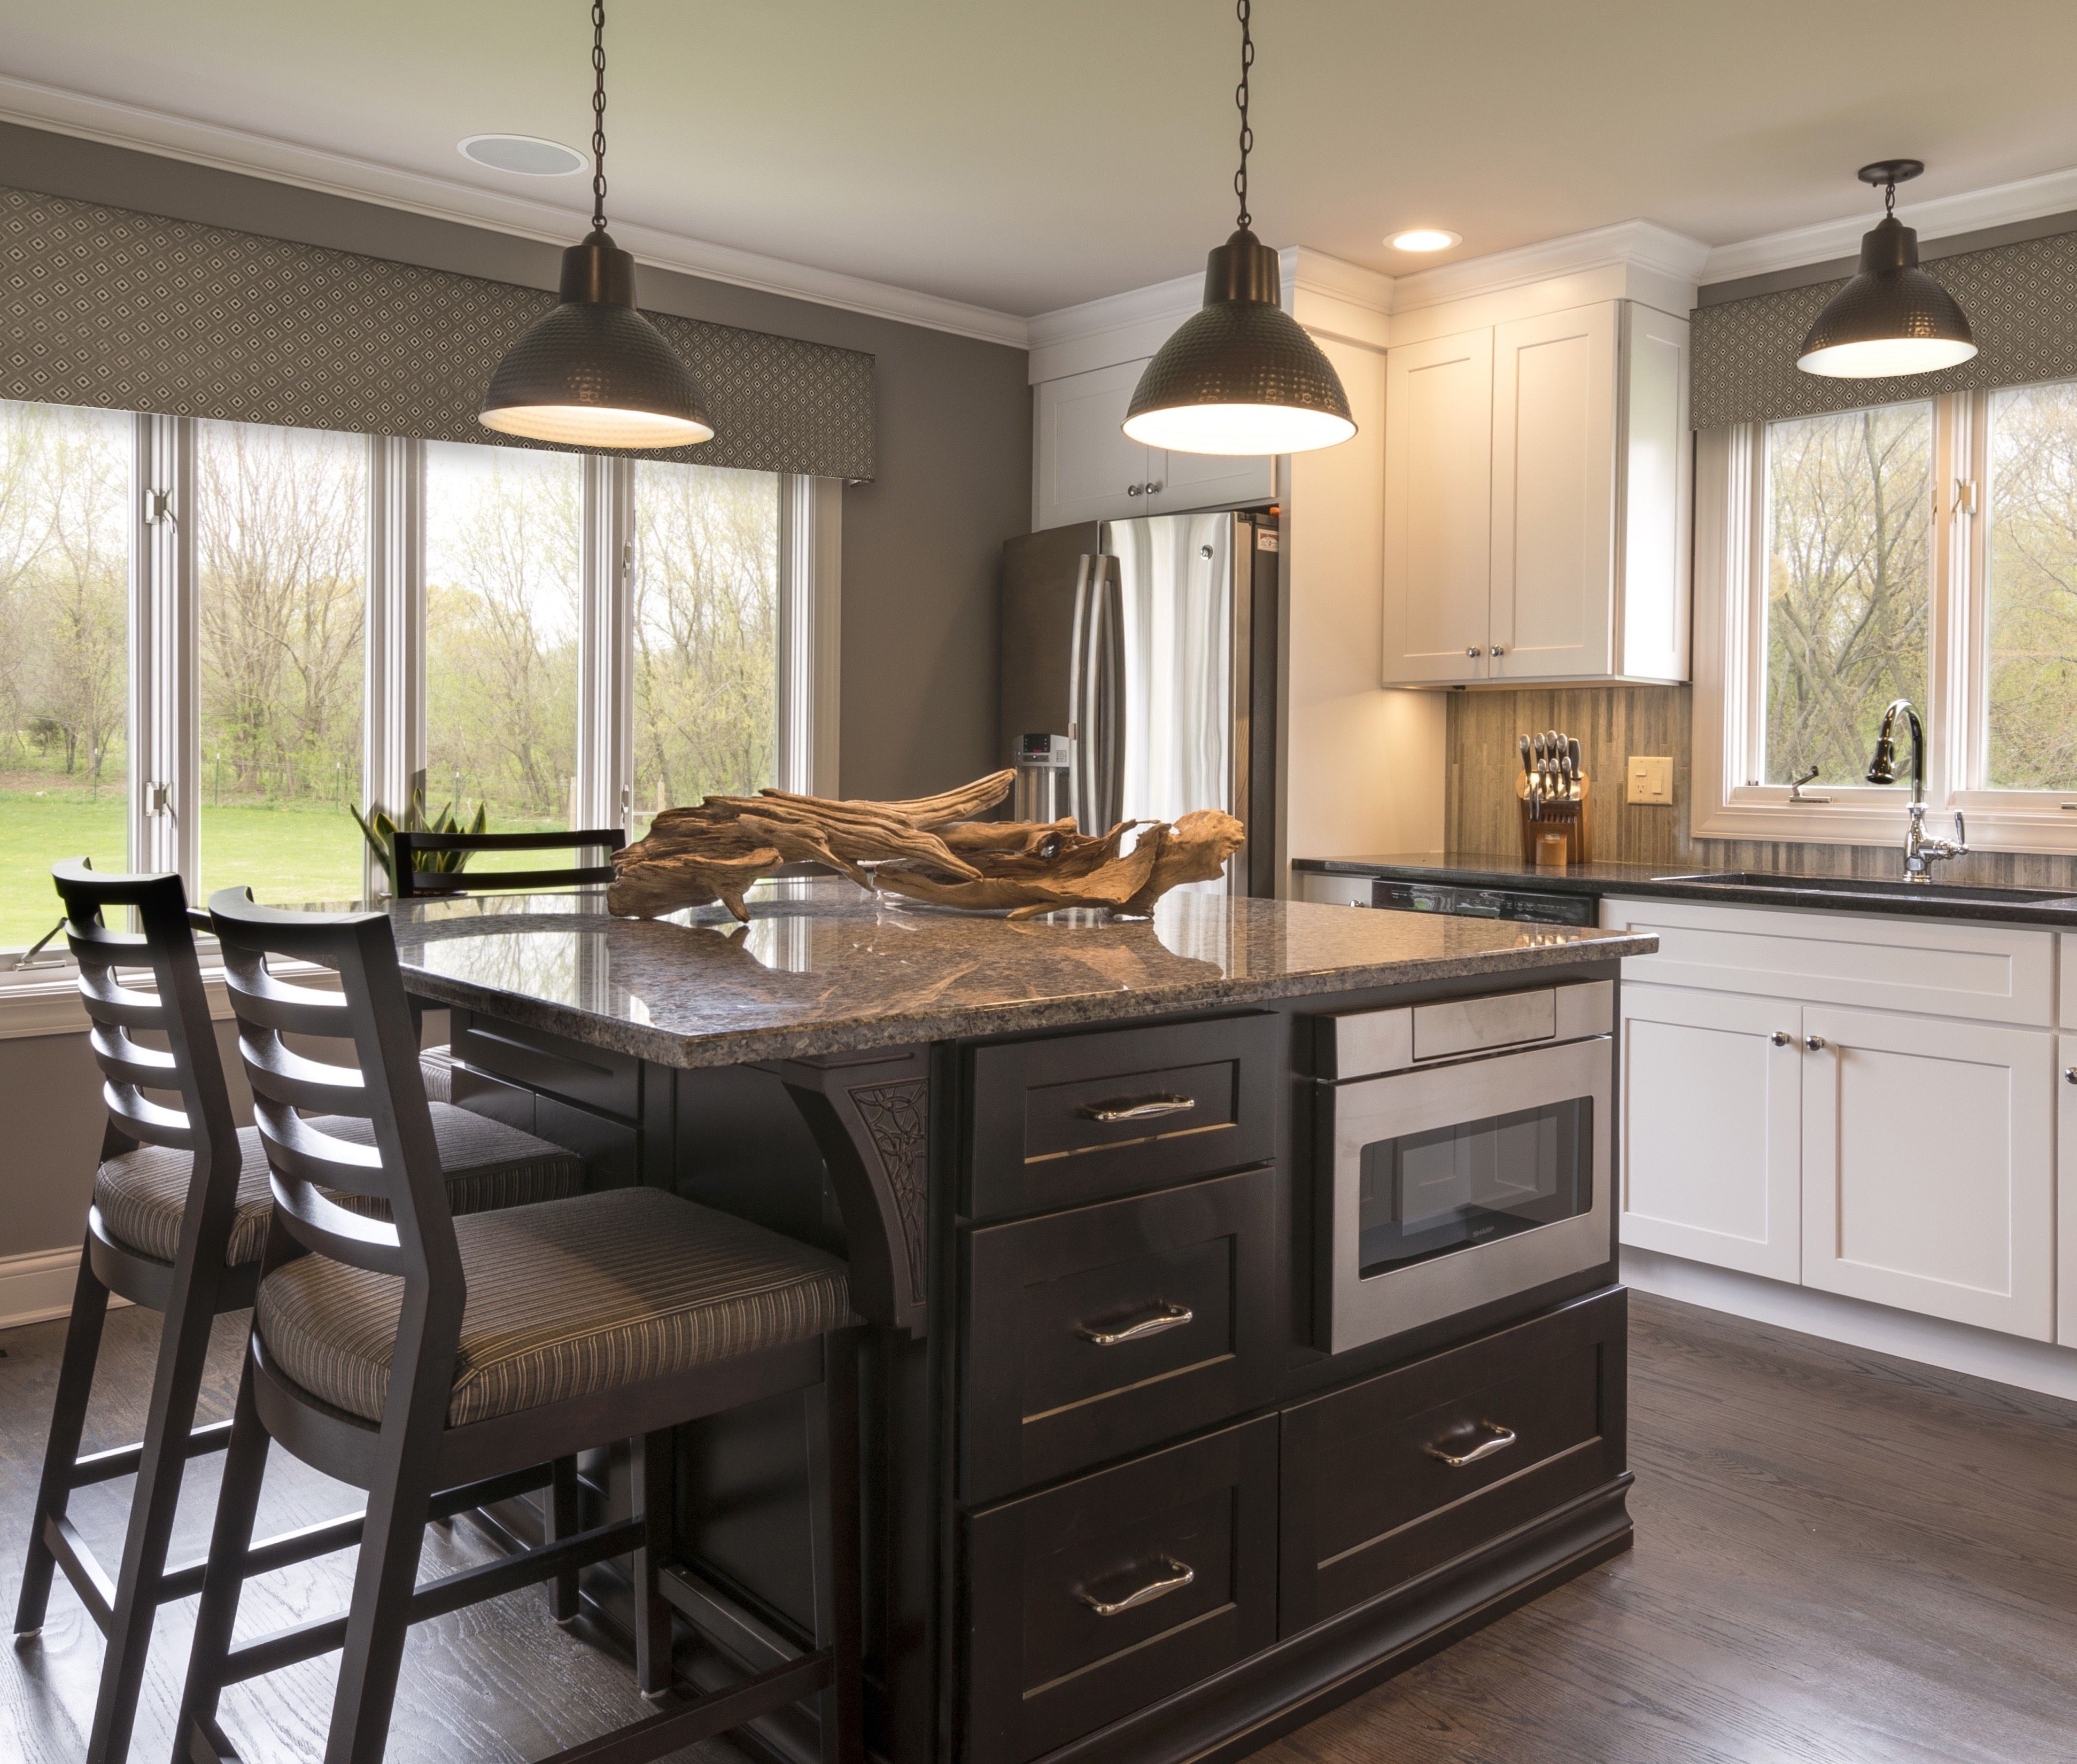 Update Your Kitchen W A Design Plan Kitchen Design Remodeling In 2020 Kitchen Remodel Design Kitchen Remodel Kitchen Design Plans